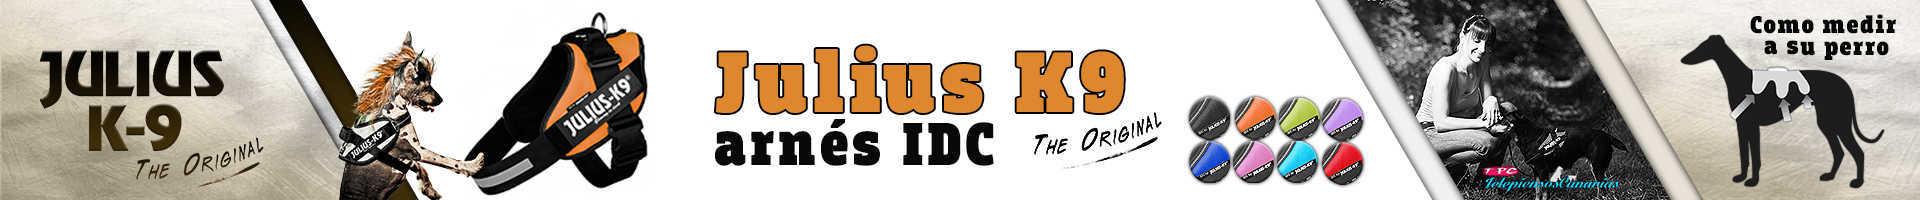 Julius-K9 arnés idc color naranja, con un aspecto renovado